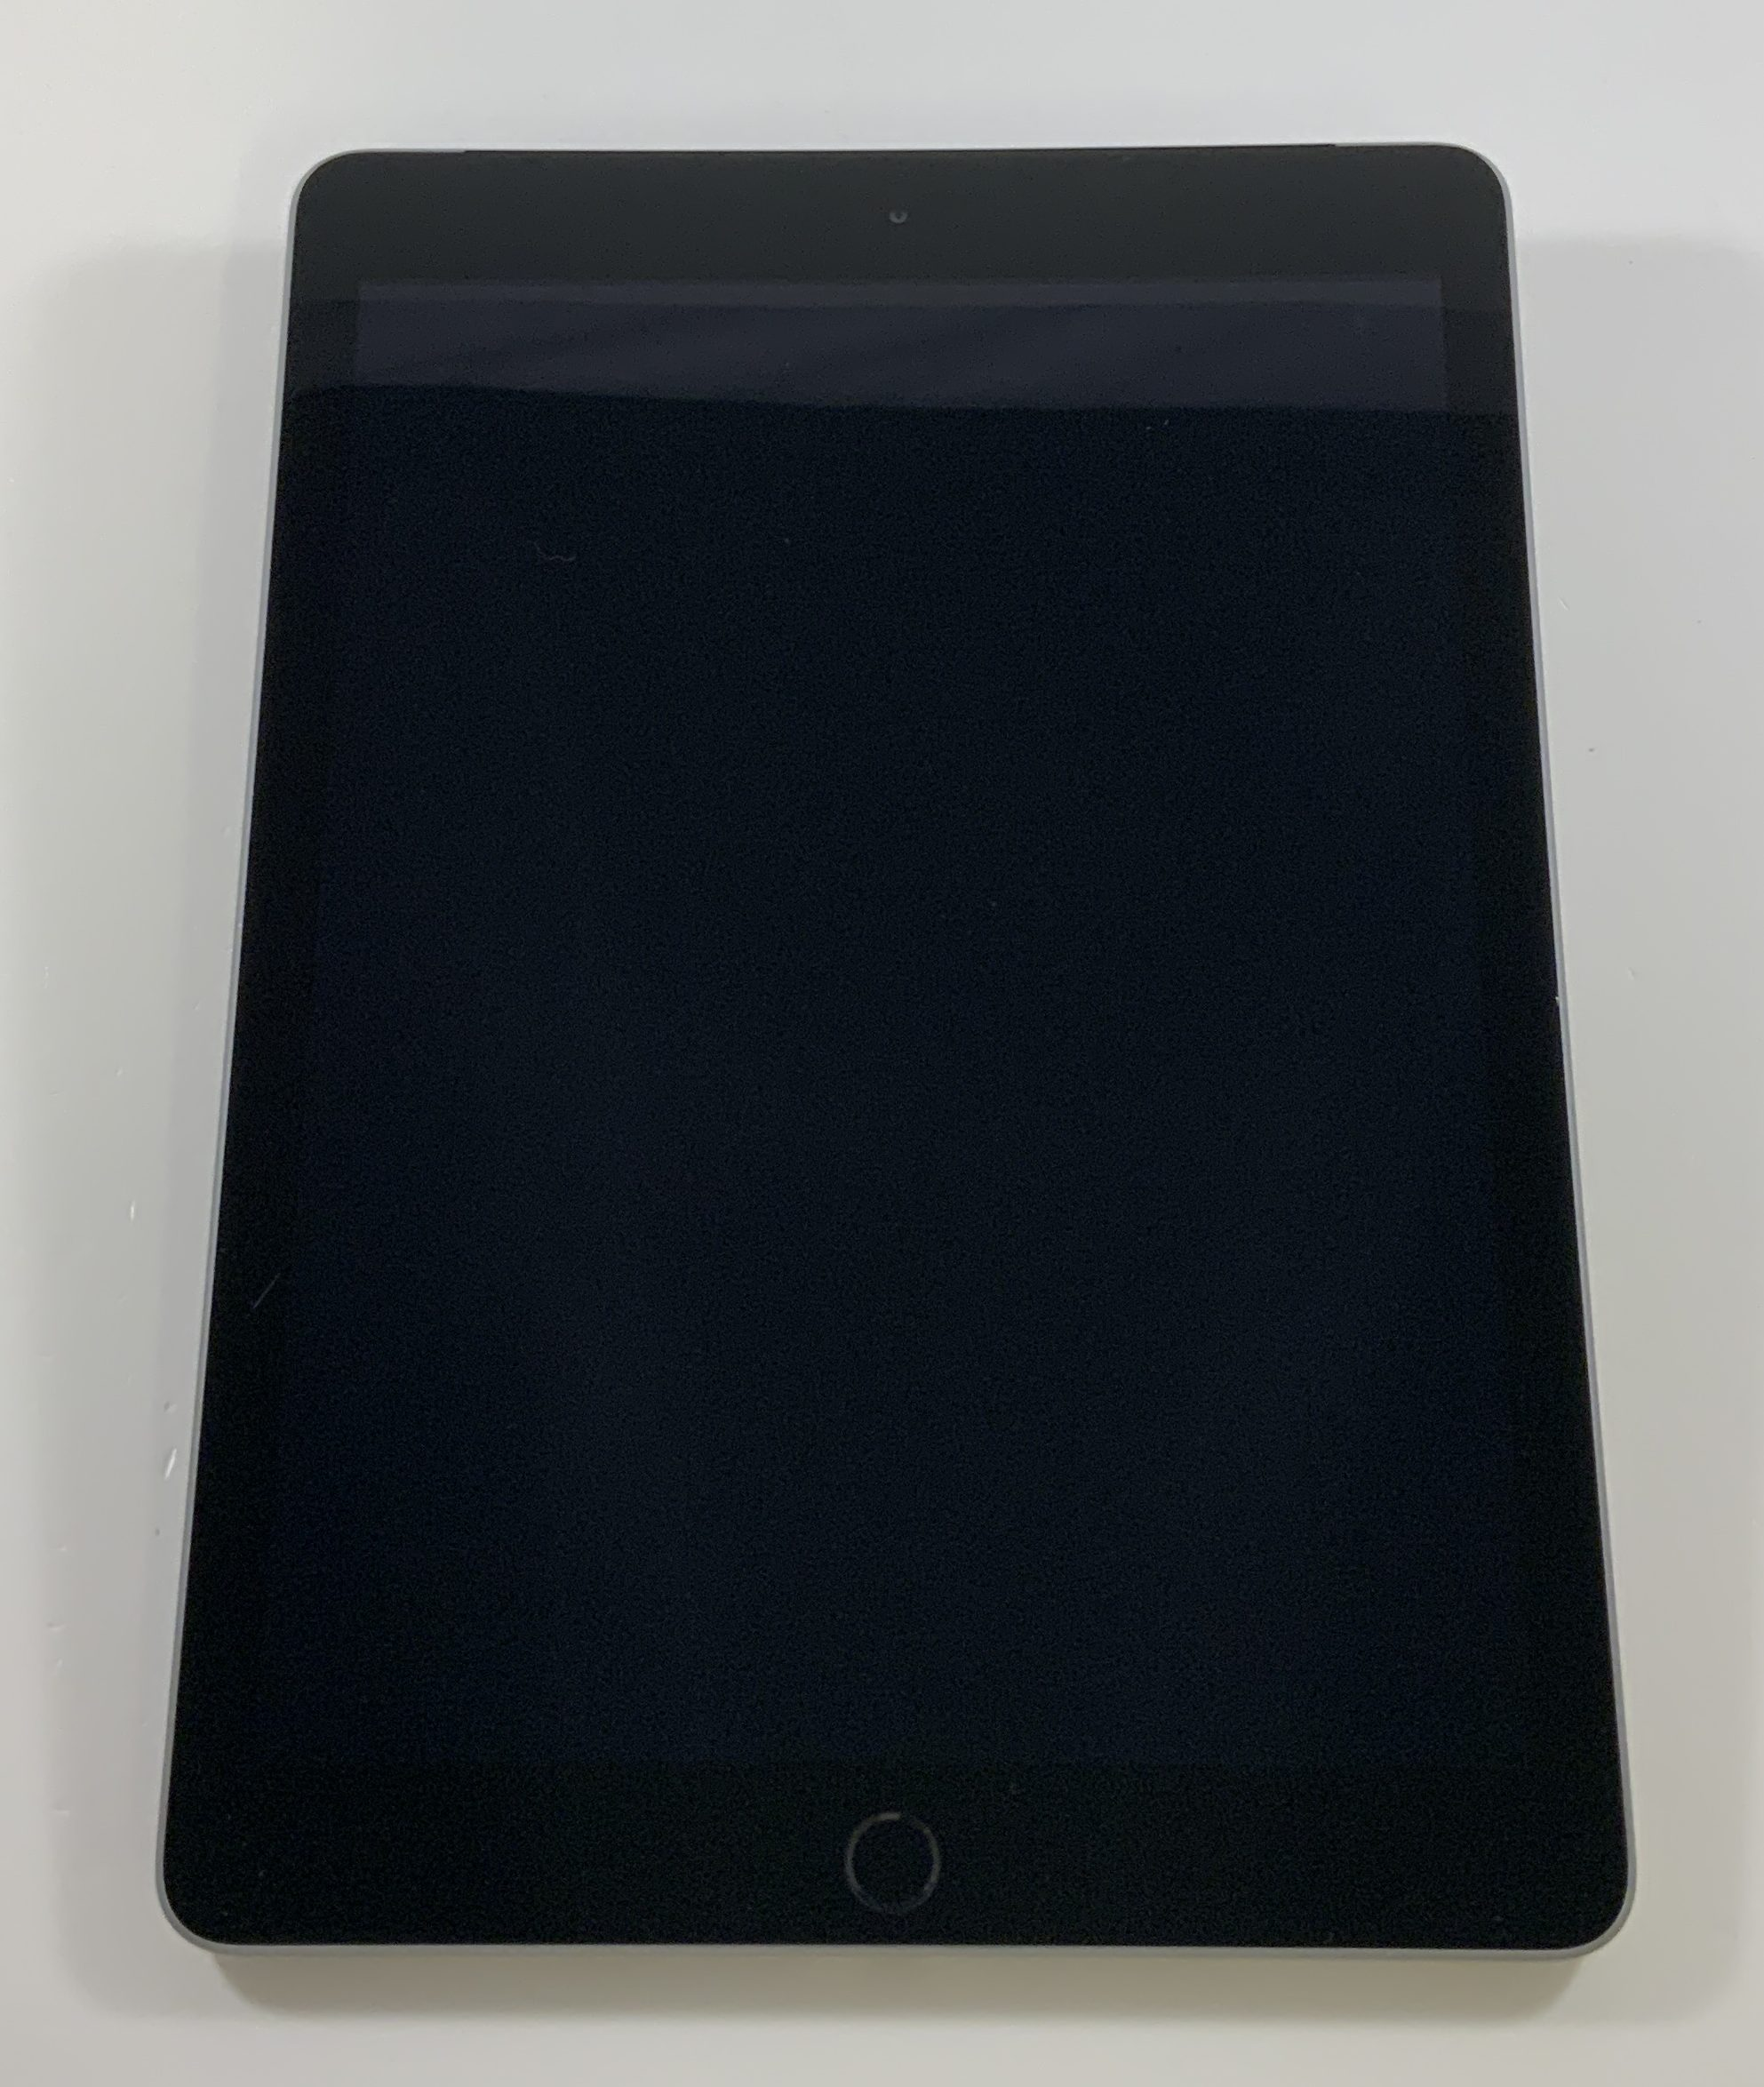 iPad 5 Wi-Fi + Cellular 128GB, 128GB, Space Gray, image 4